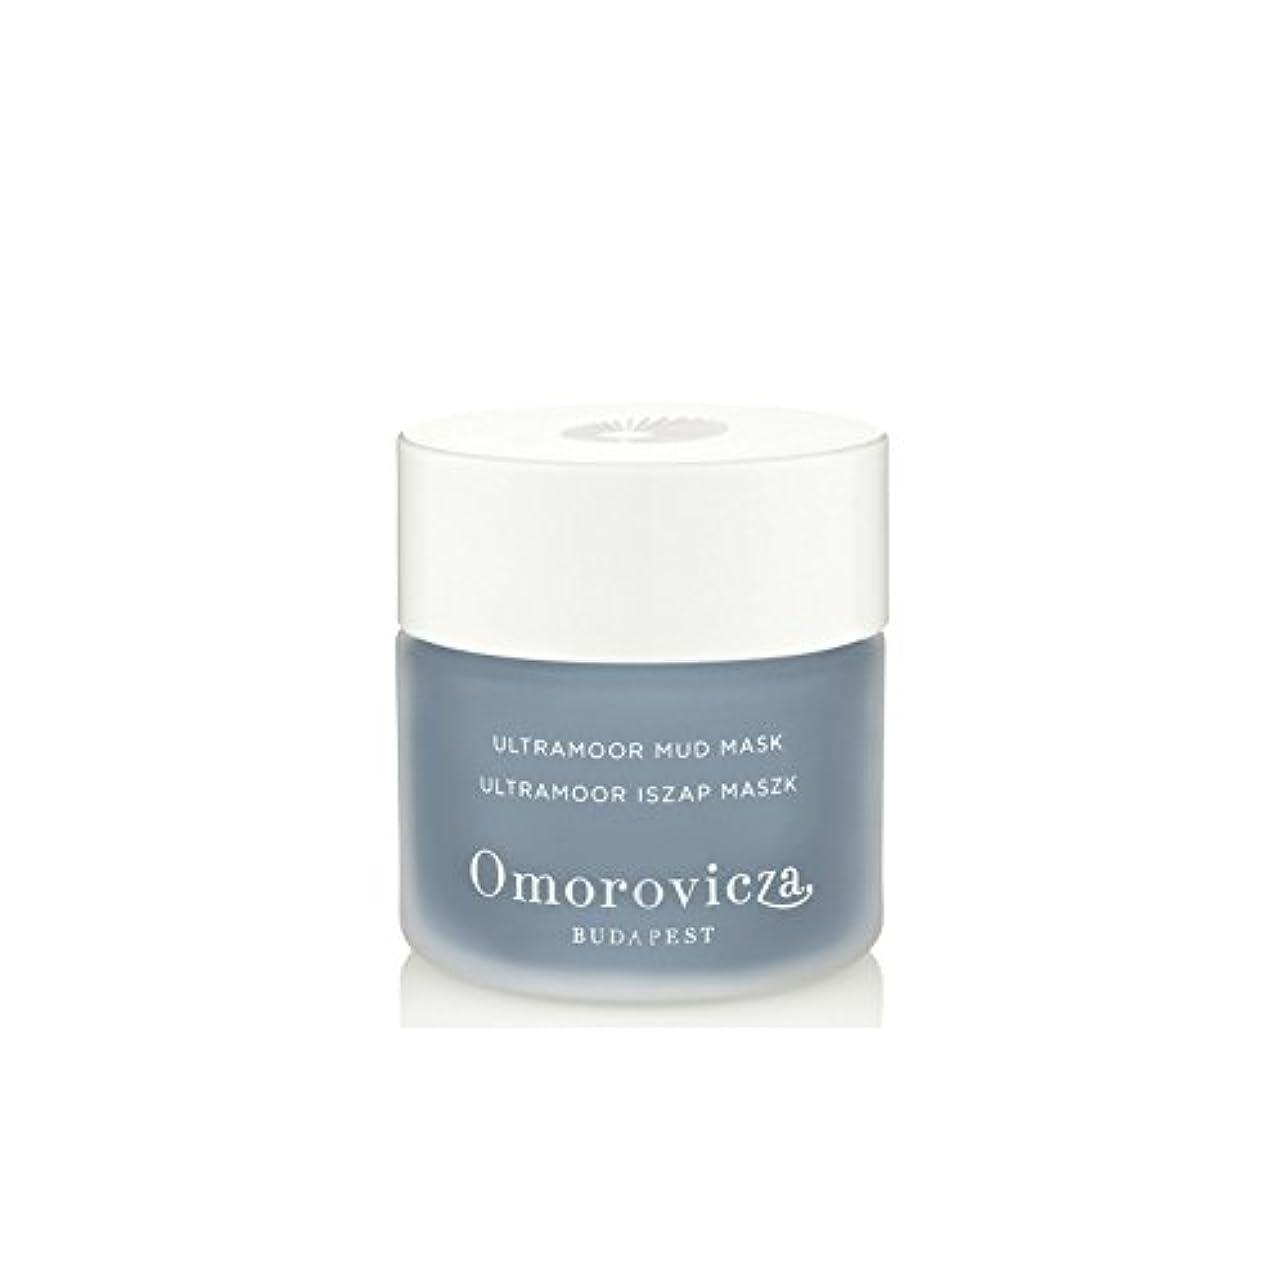 狂乱ビジネス硬化する泥マスク(50ミリリットル) x2 - Omorovicza Ultramoor Mud Mask (50ml) (Pack of 2) [並行輸入品]